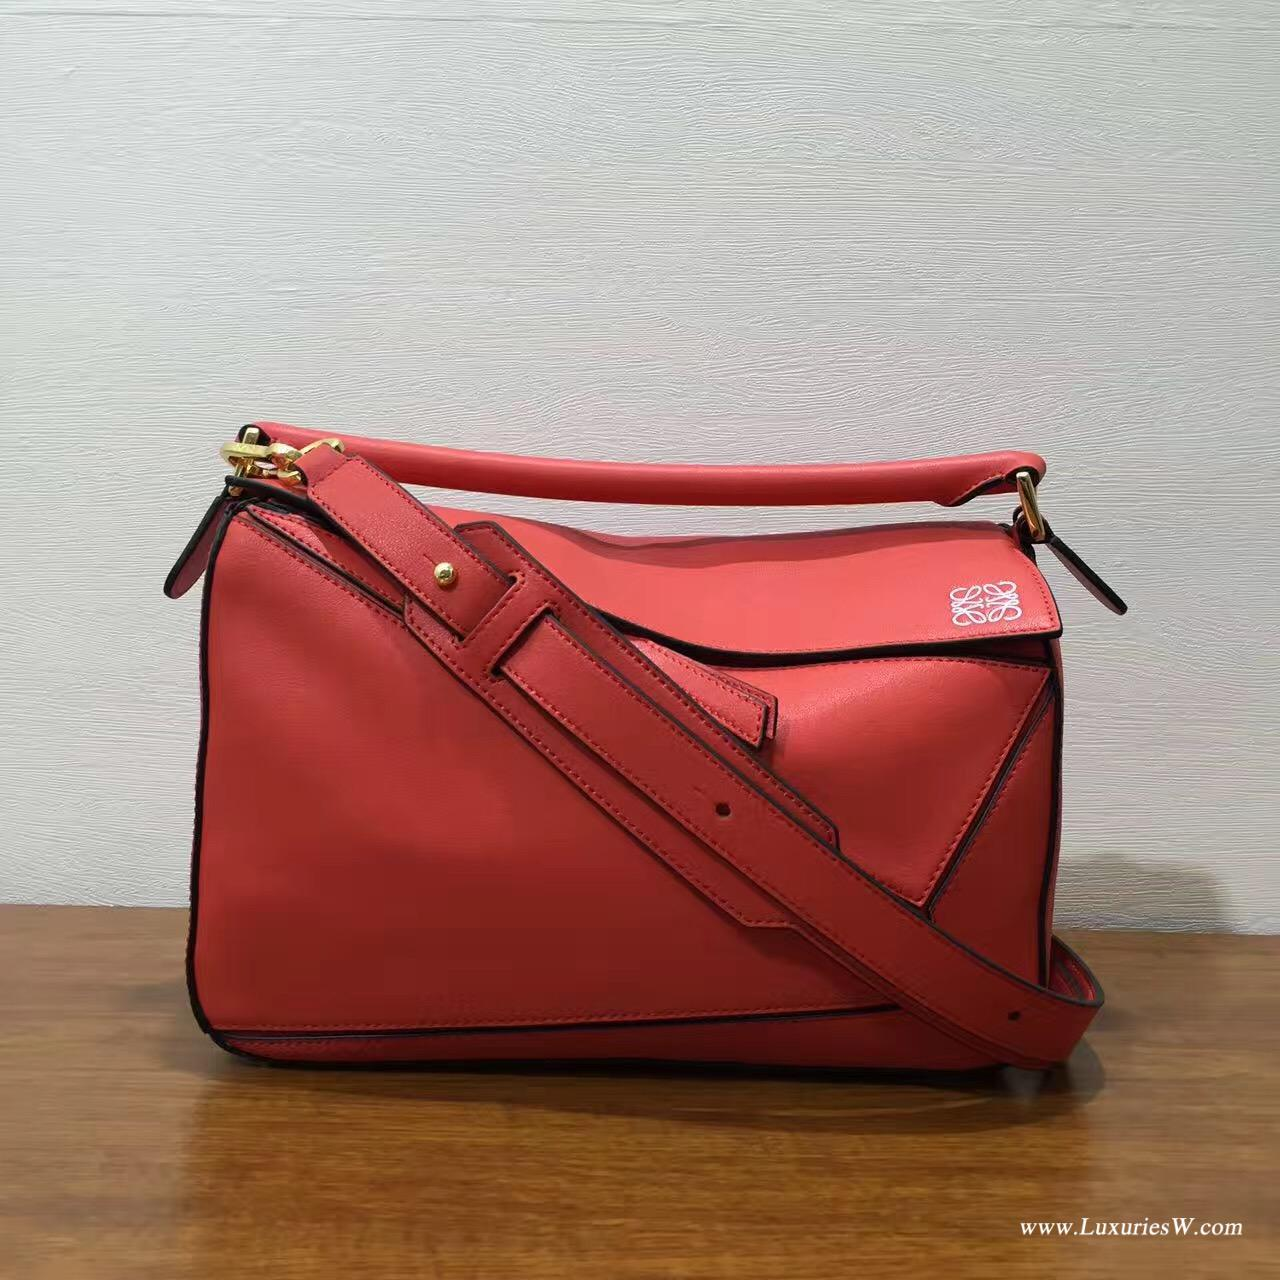 羅意威LOEWE包包 中號 Puzzle Bag  橘红色 30cm 折疊單肩手提幾何包